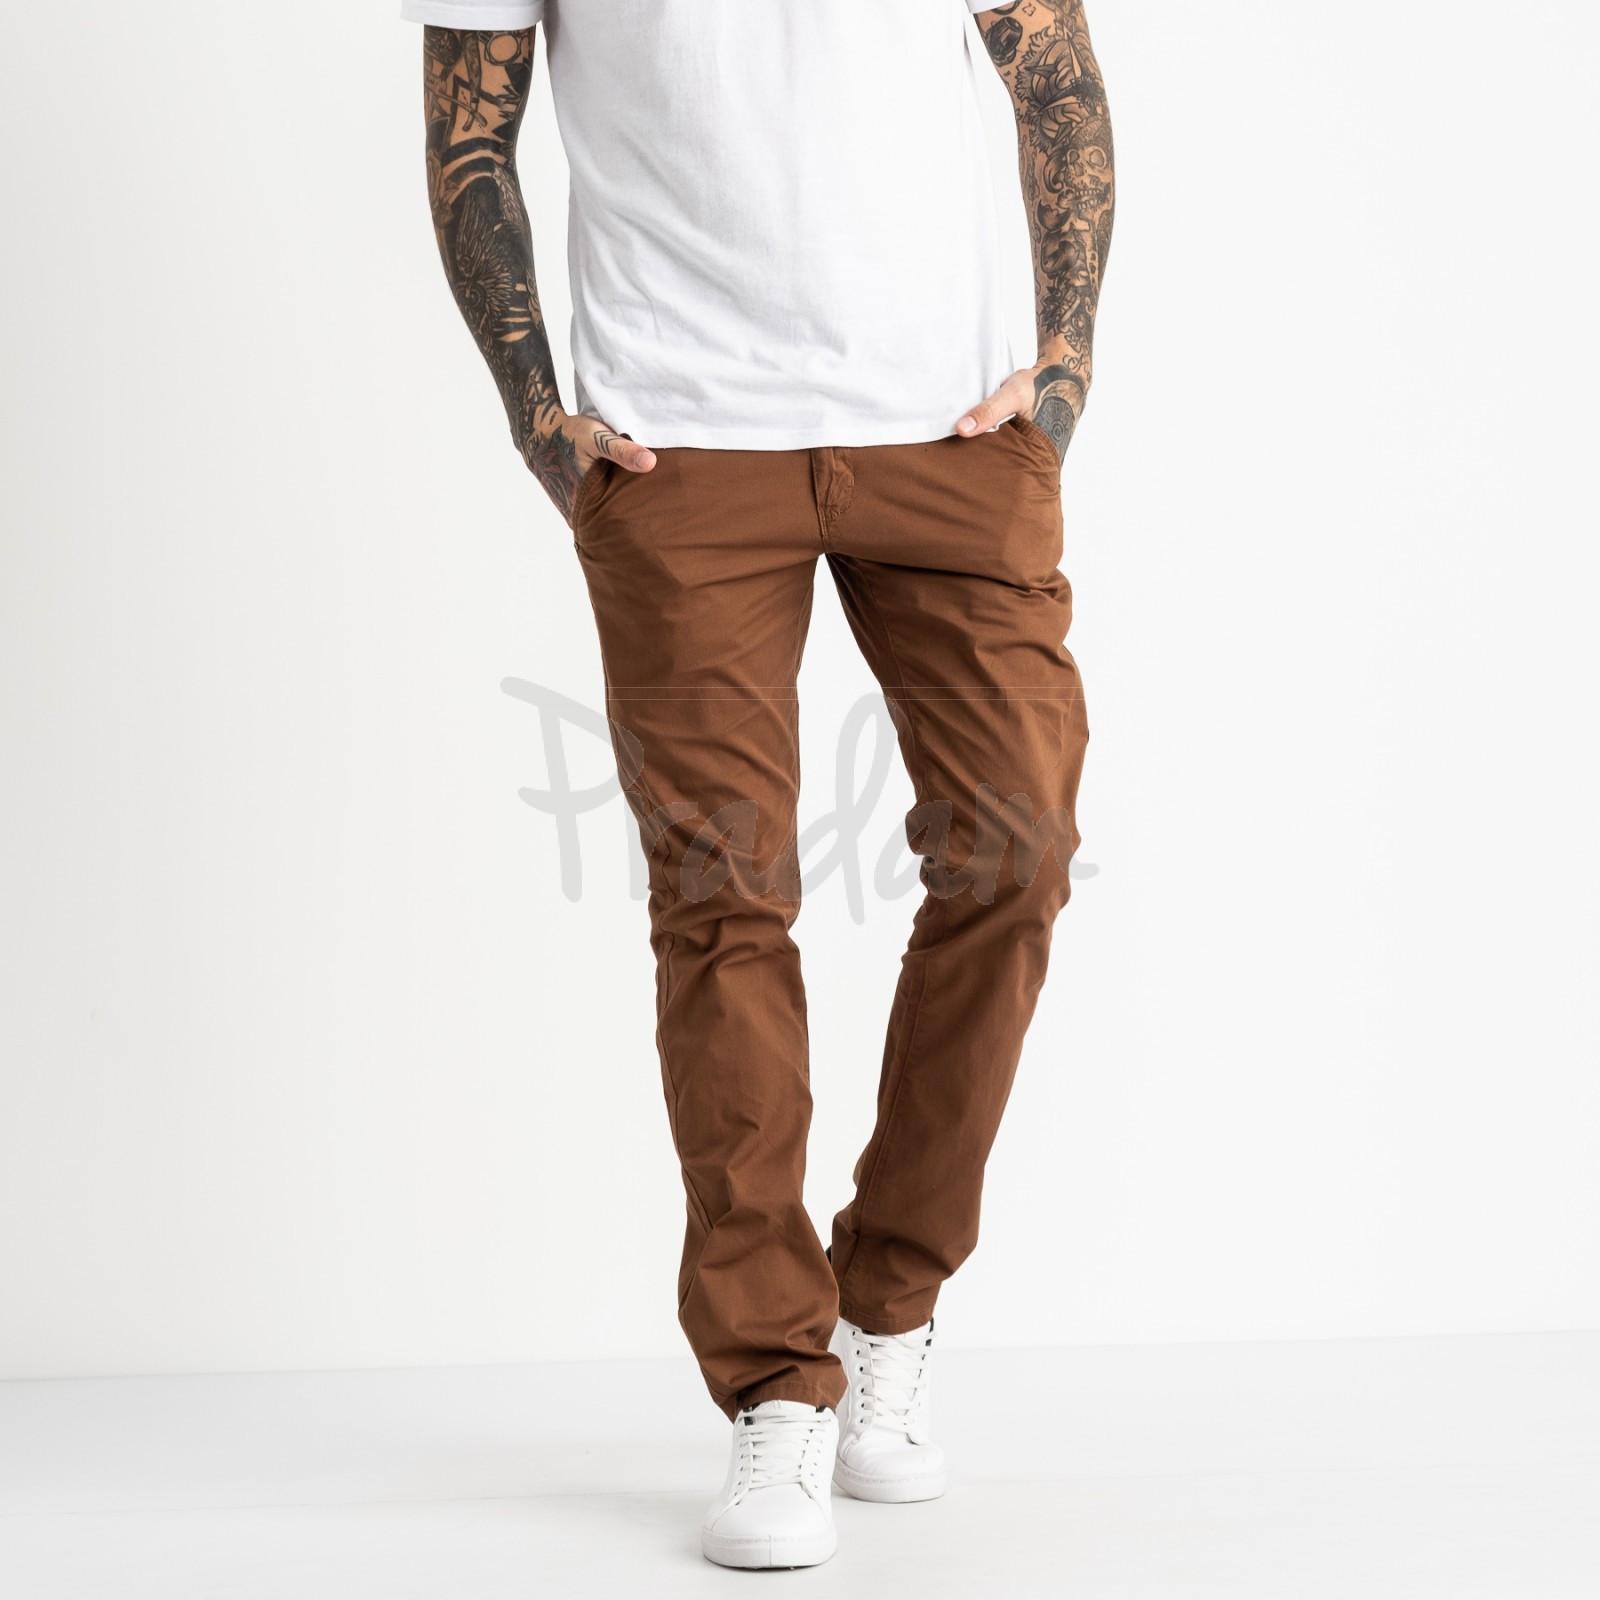 5769 LS брюки мужские коричневые стрейчевые (7 ед. размеры: 28.29.30.31.32.33.34)